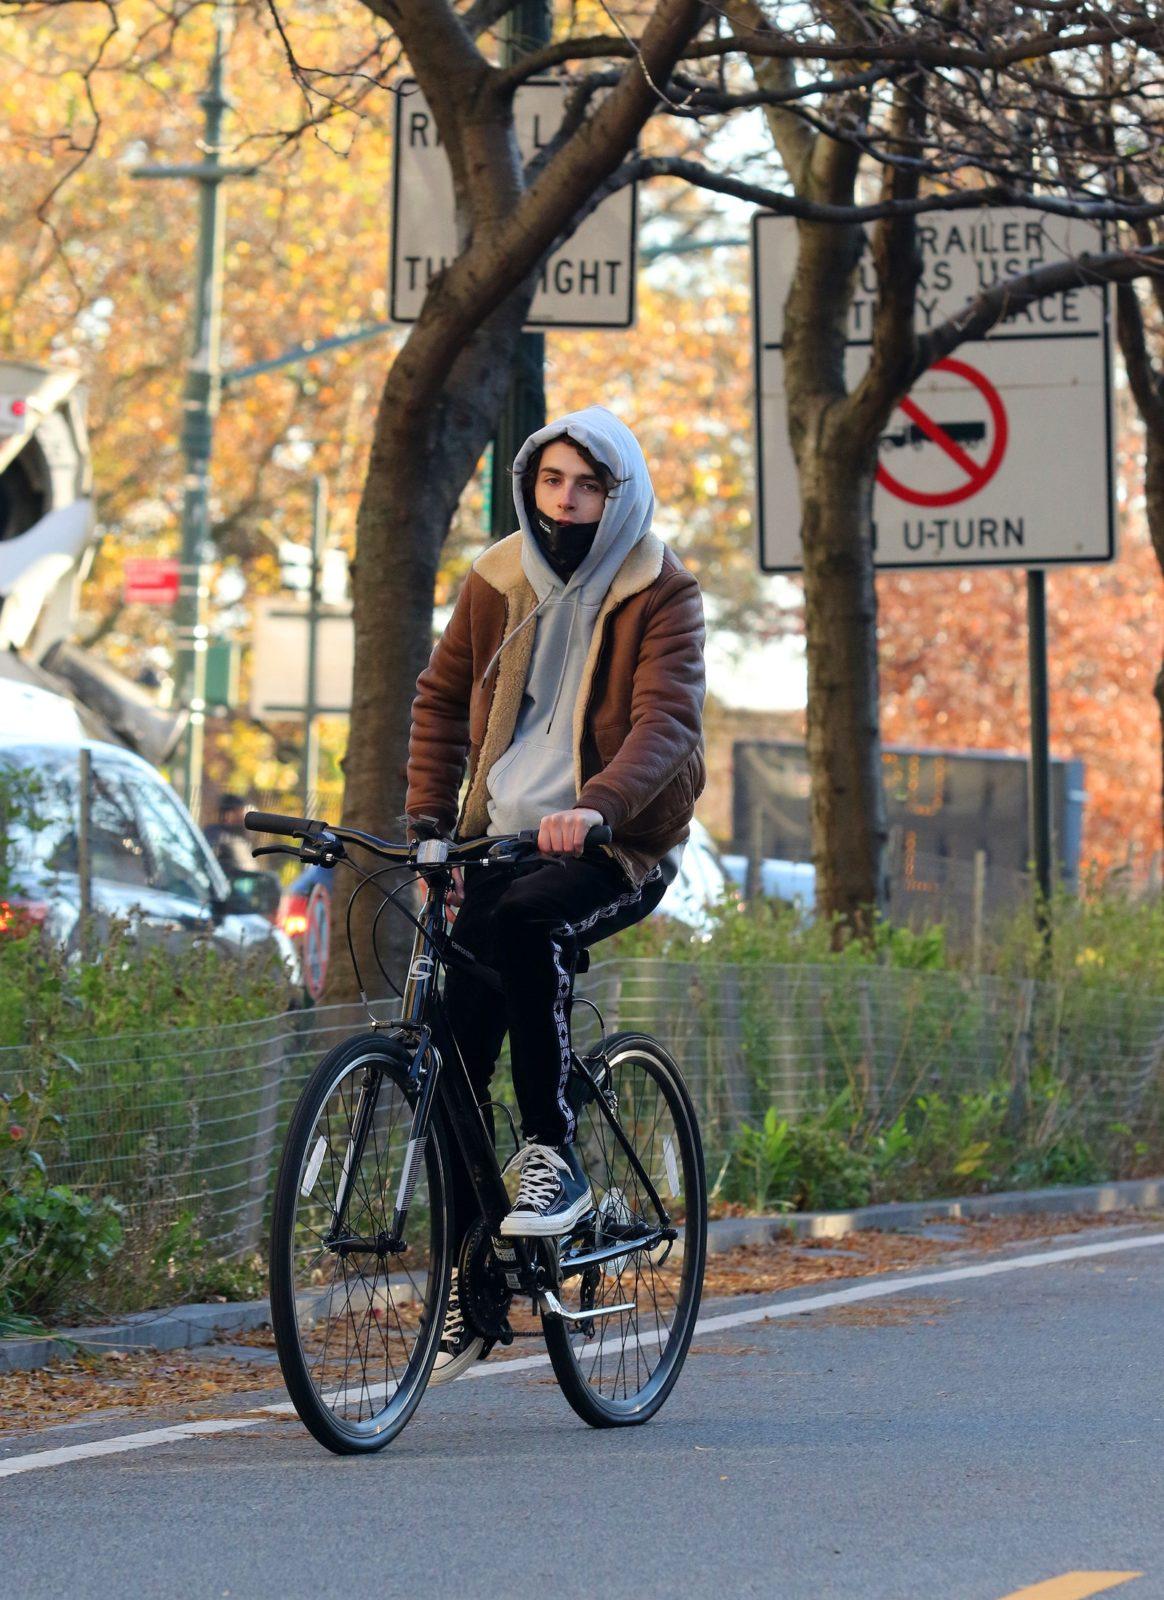 Mlody mężczyzna przemierza ulice na rowerze